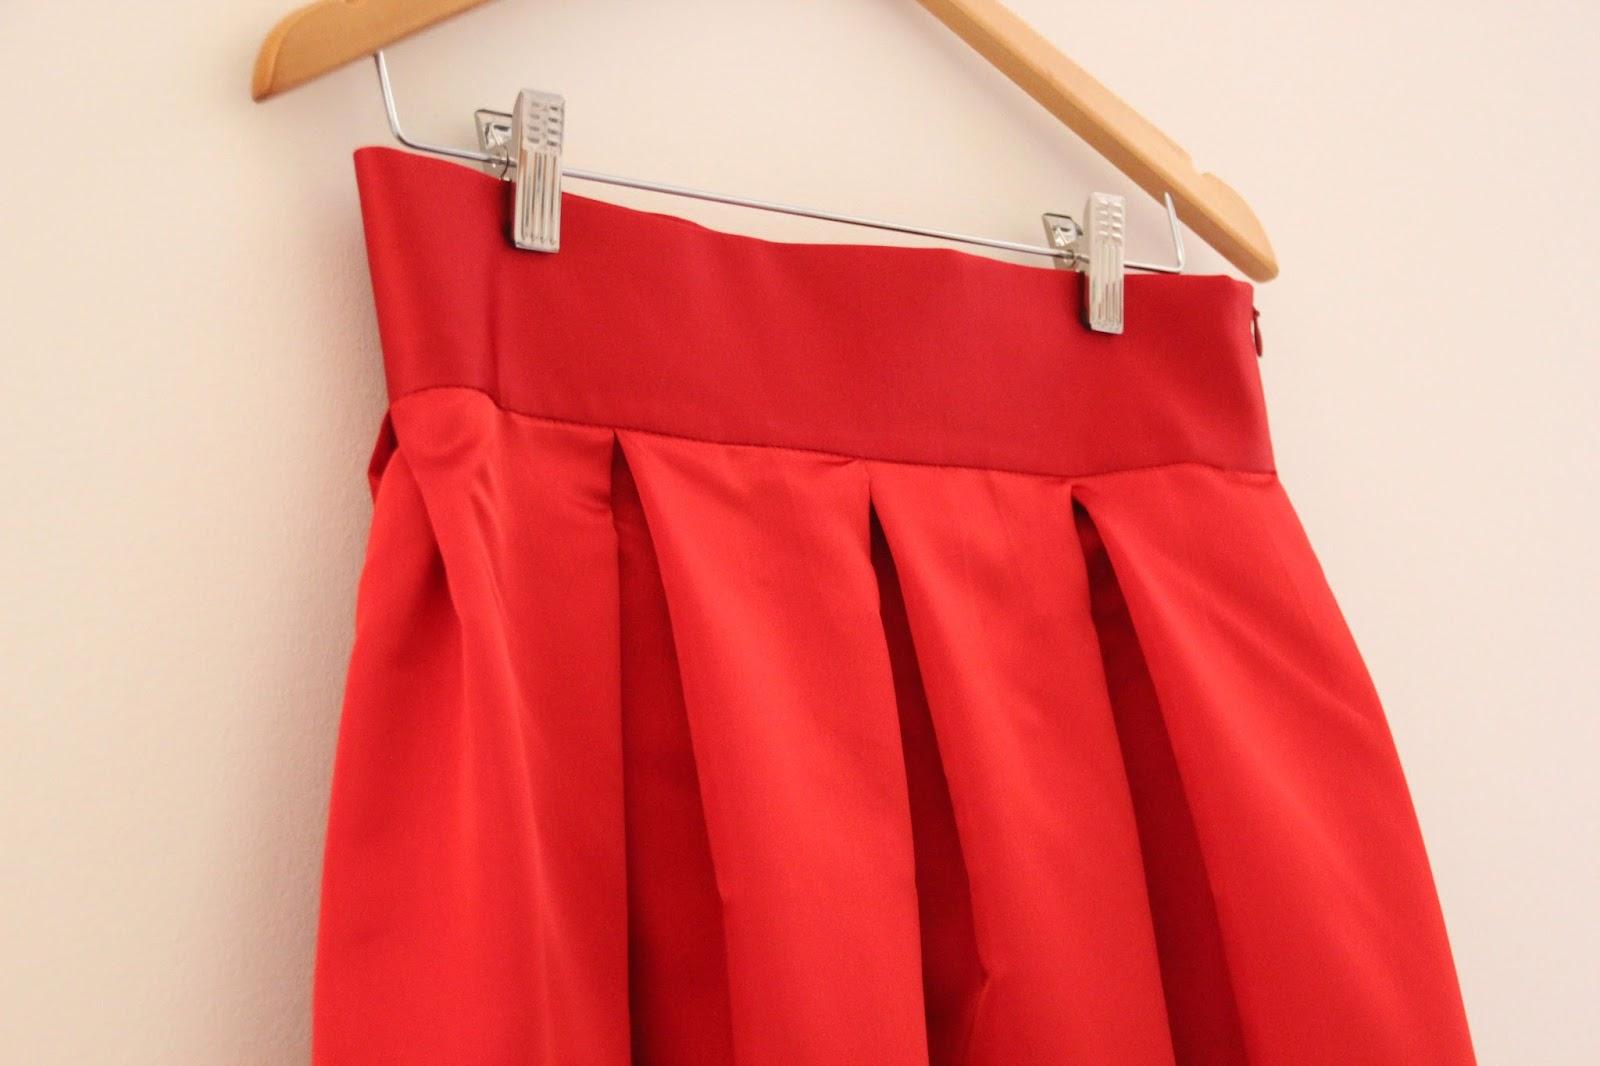 diy tutoriales patrones falda midi valentino como hacer blog costura 6f27bb371082